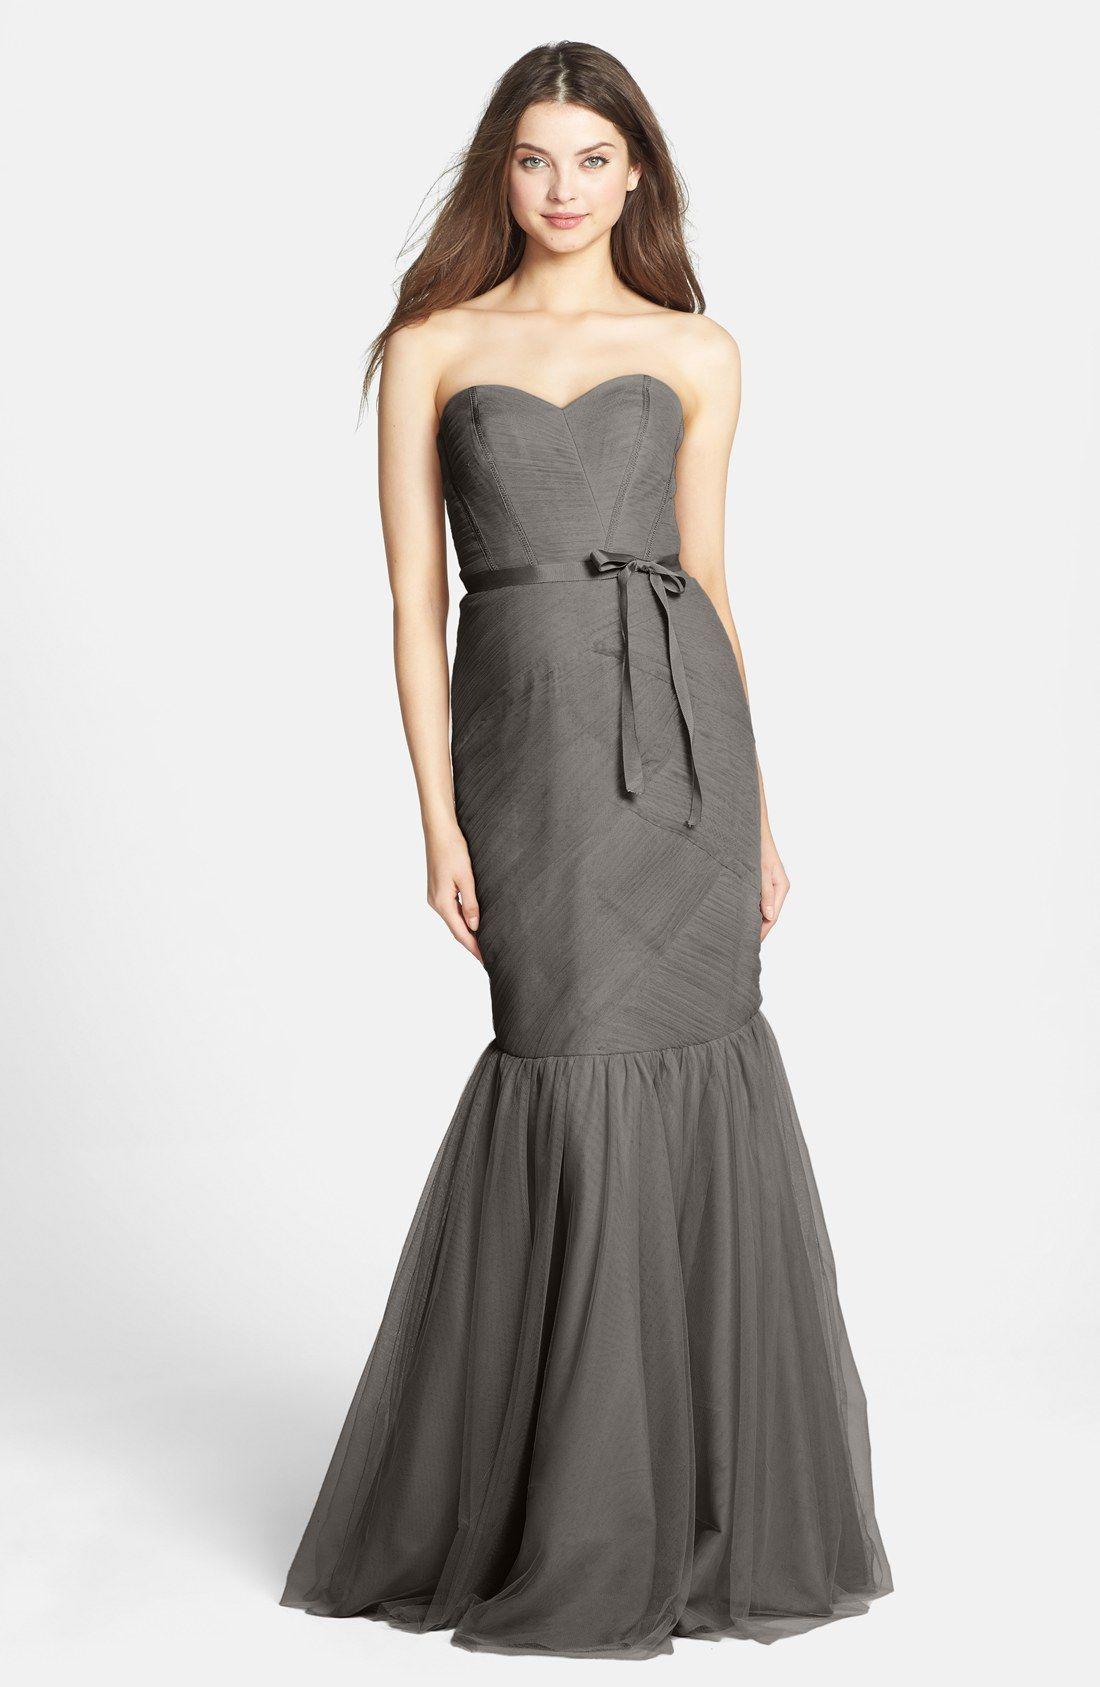 Monique Lhuillier Bridesmaids Tulle Trumpet Dress | CASUAL CHIC ...